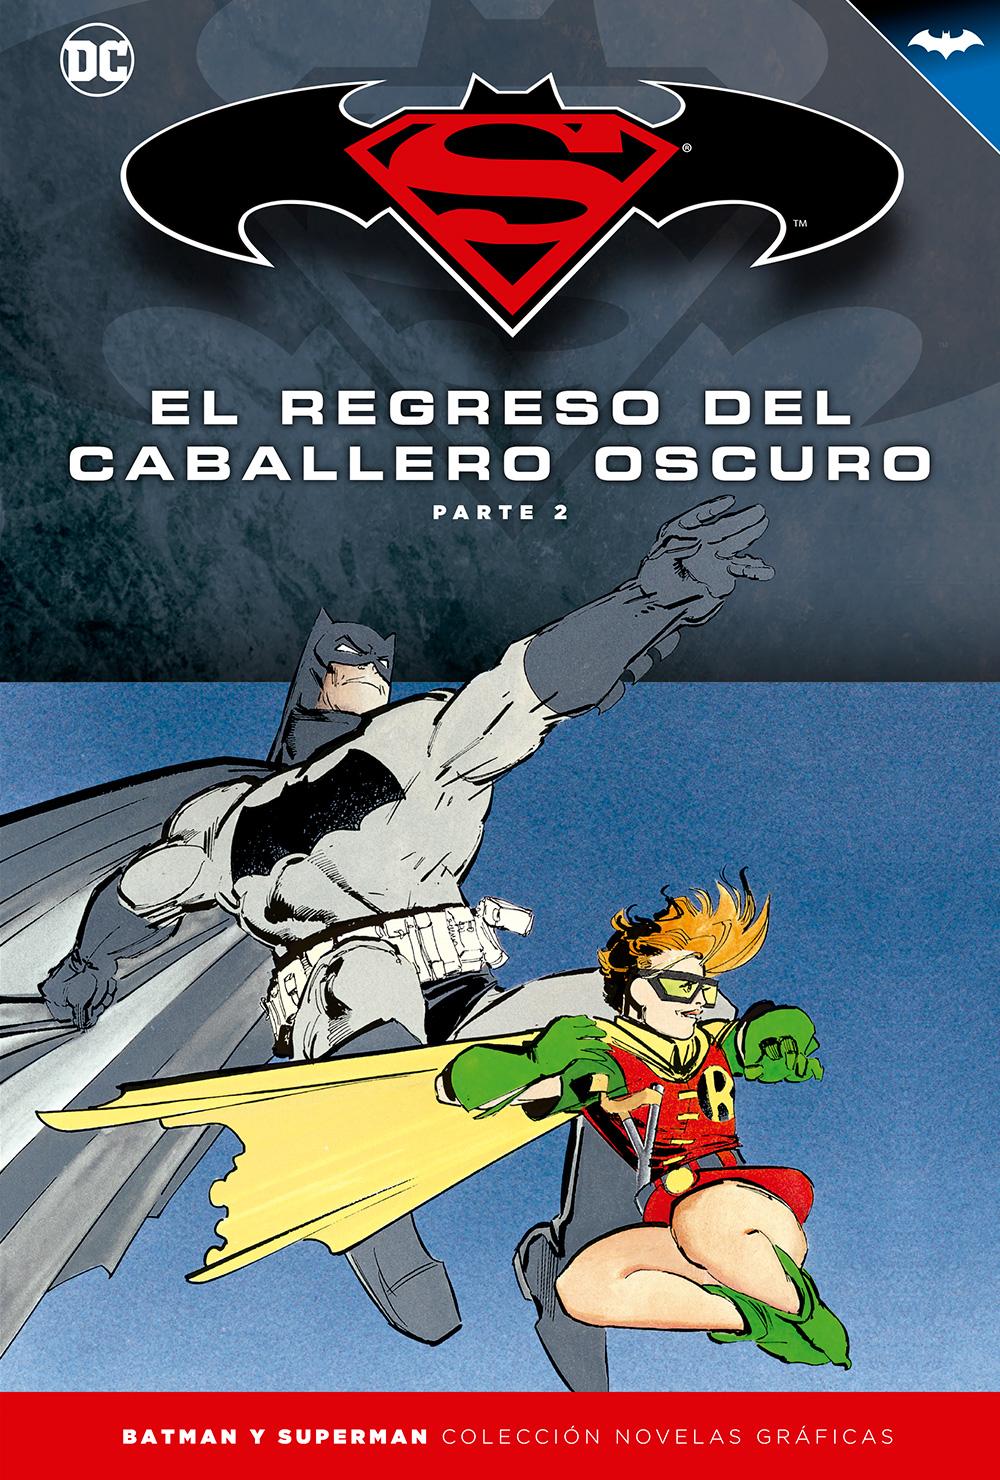 [DC - Salvat] Batman y Superman: Colección Novelas Gráficas - Página 3 Portada_BMSM_6_ERDCO_2